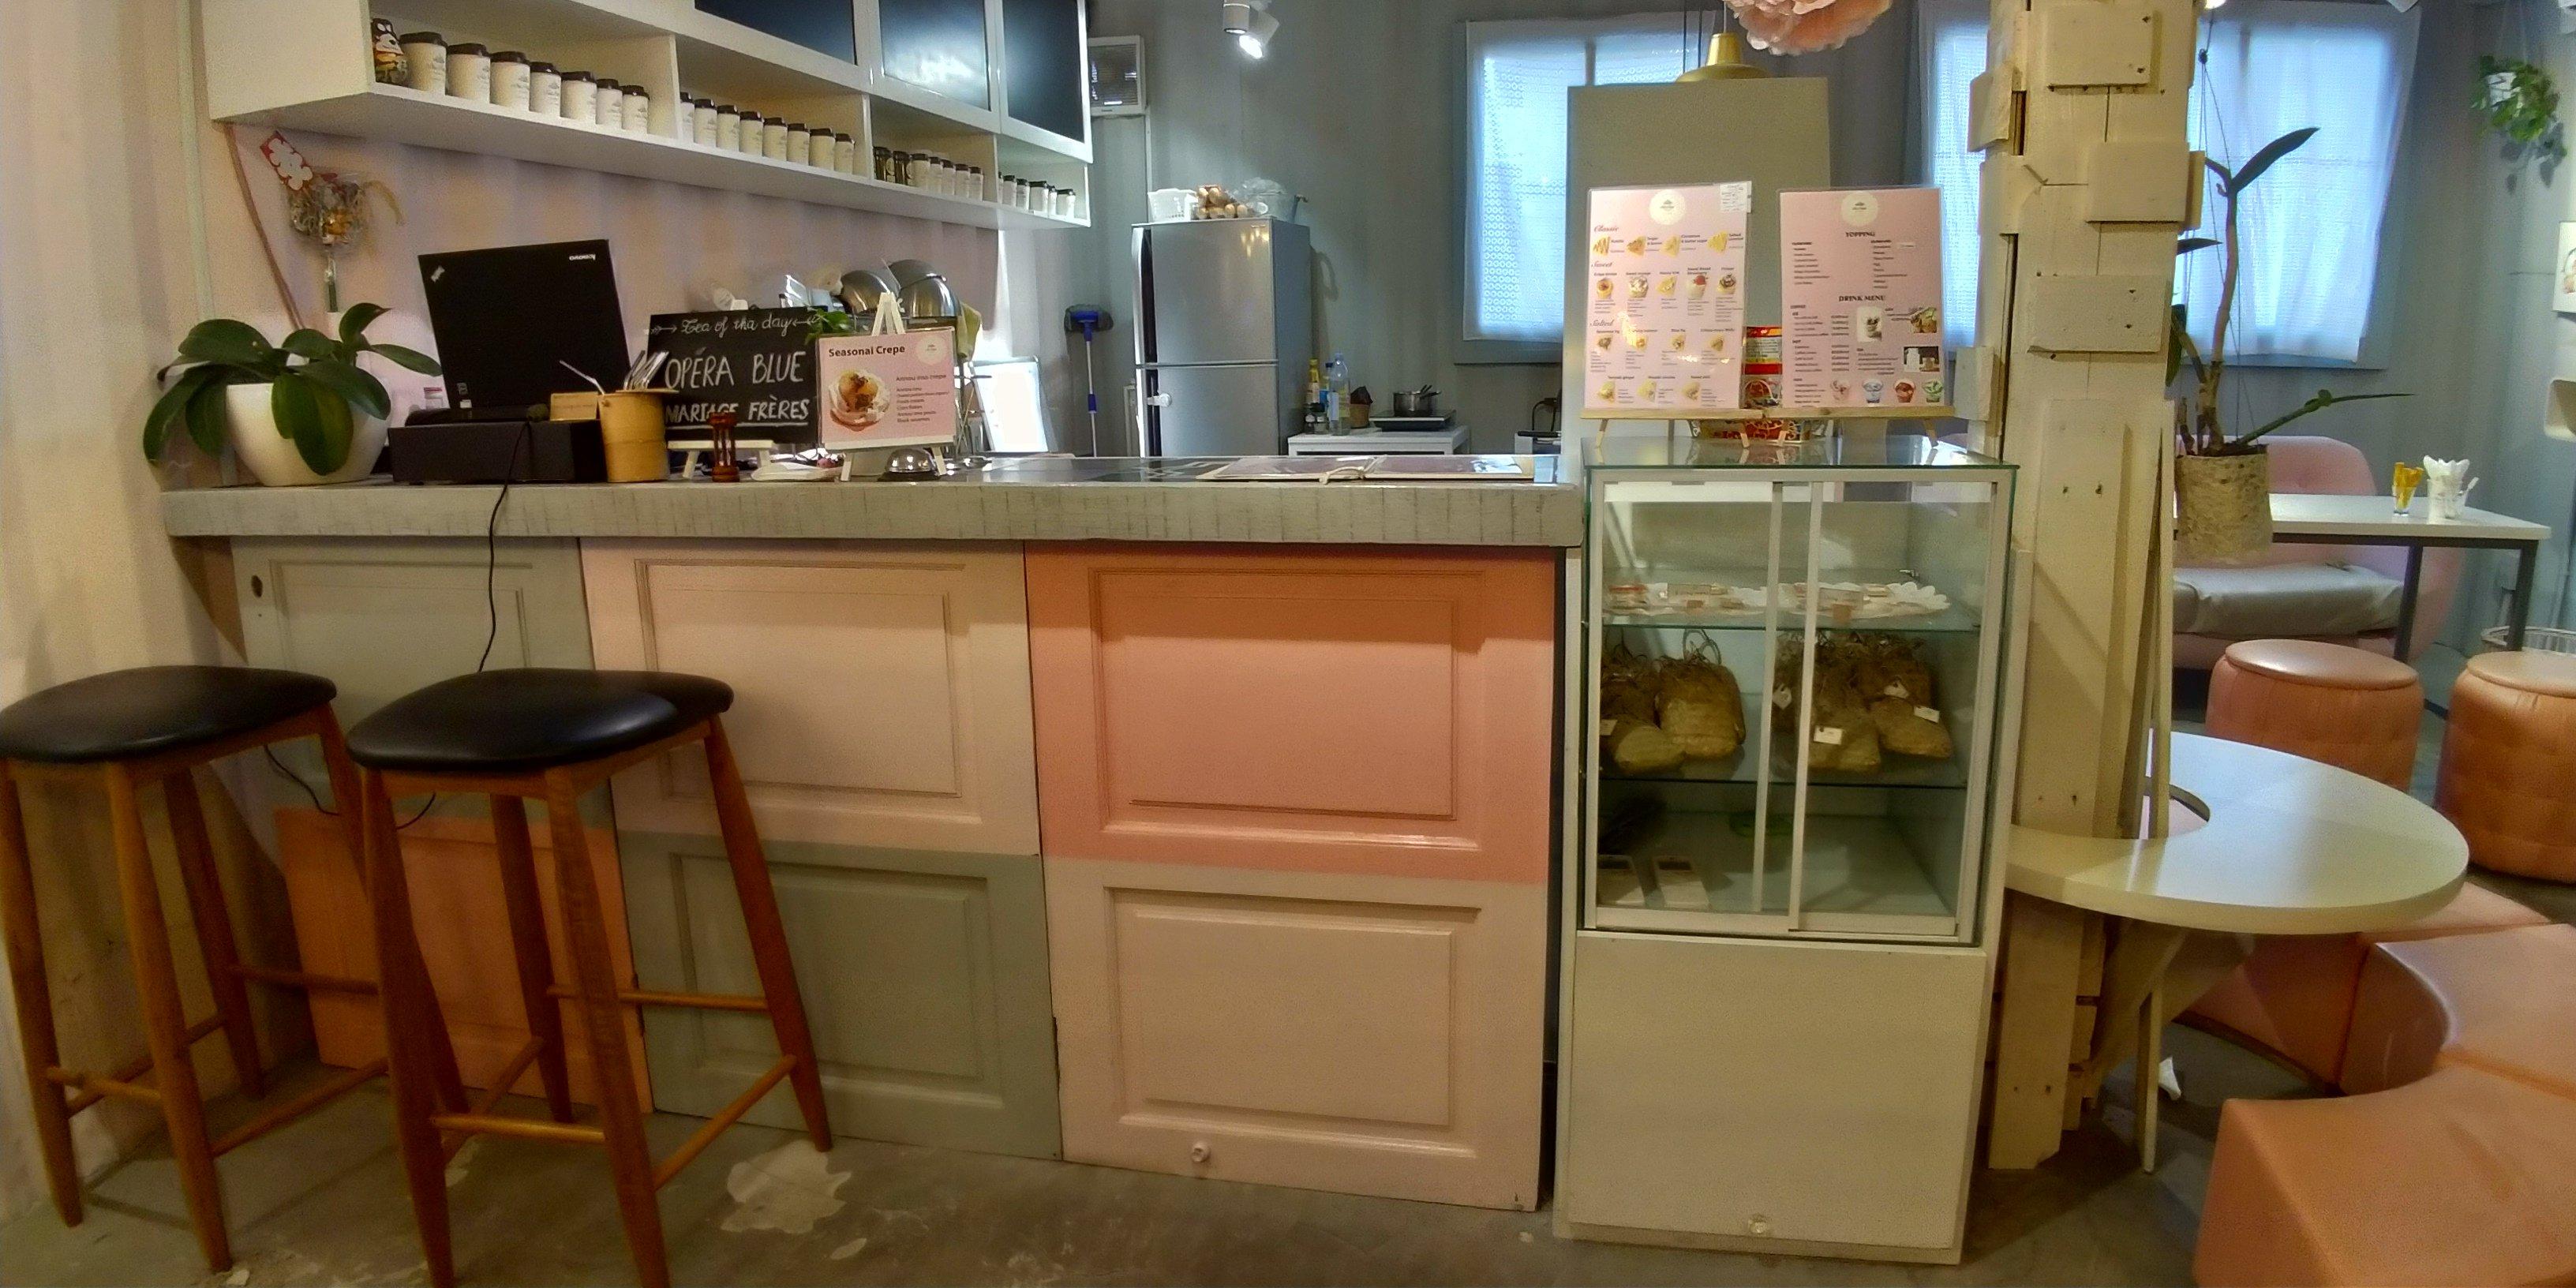 Thi Công Nội Thất Tiệm Bánh Crepe Cake - Quận 2 (Hình Thực Tế)